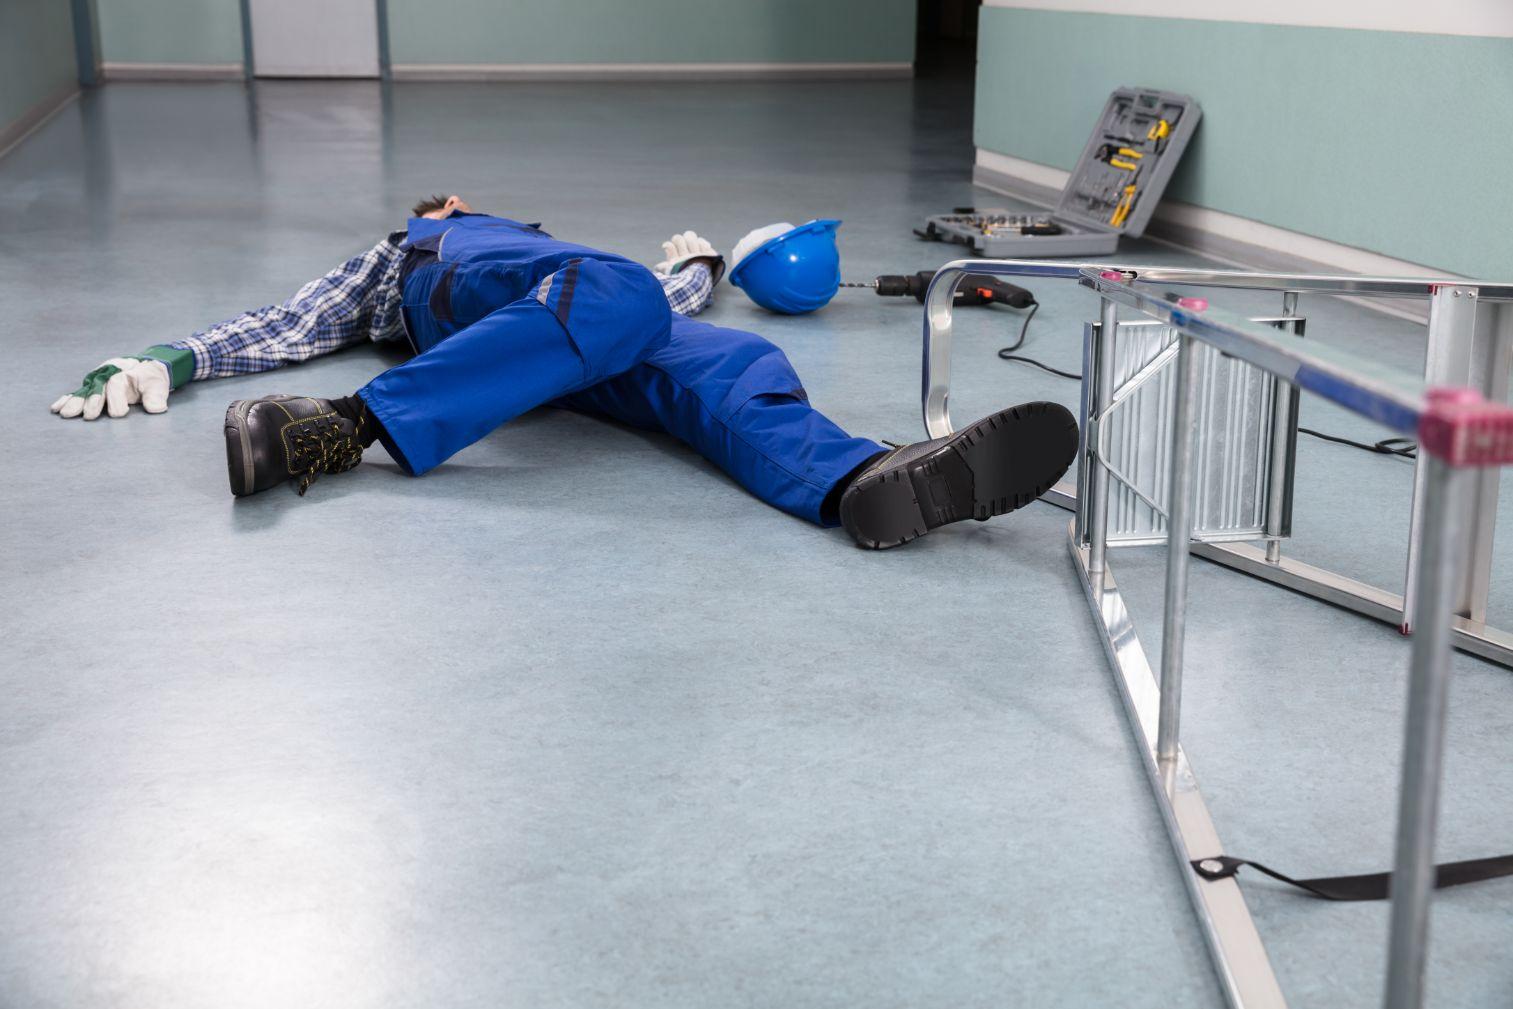 Trabajador en el piso después de caerse de una escalera.